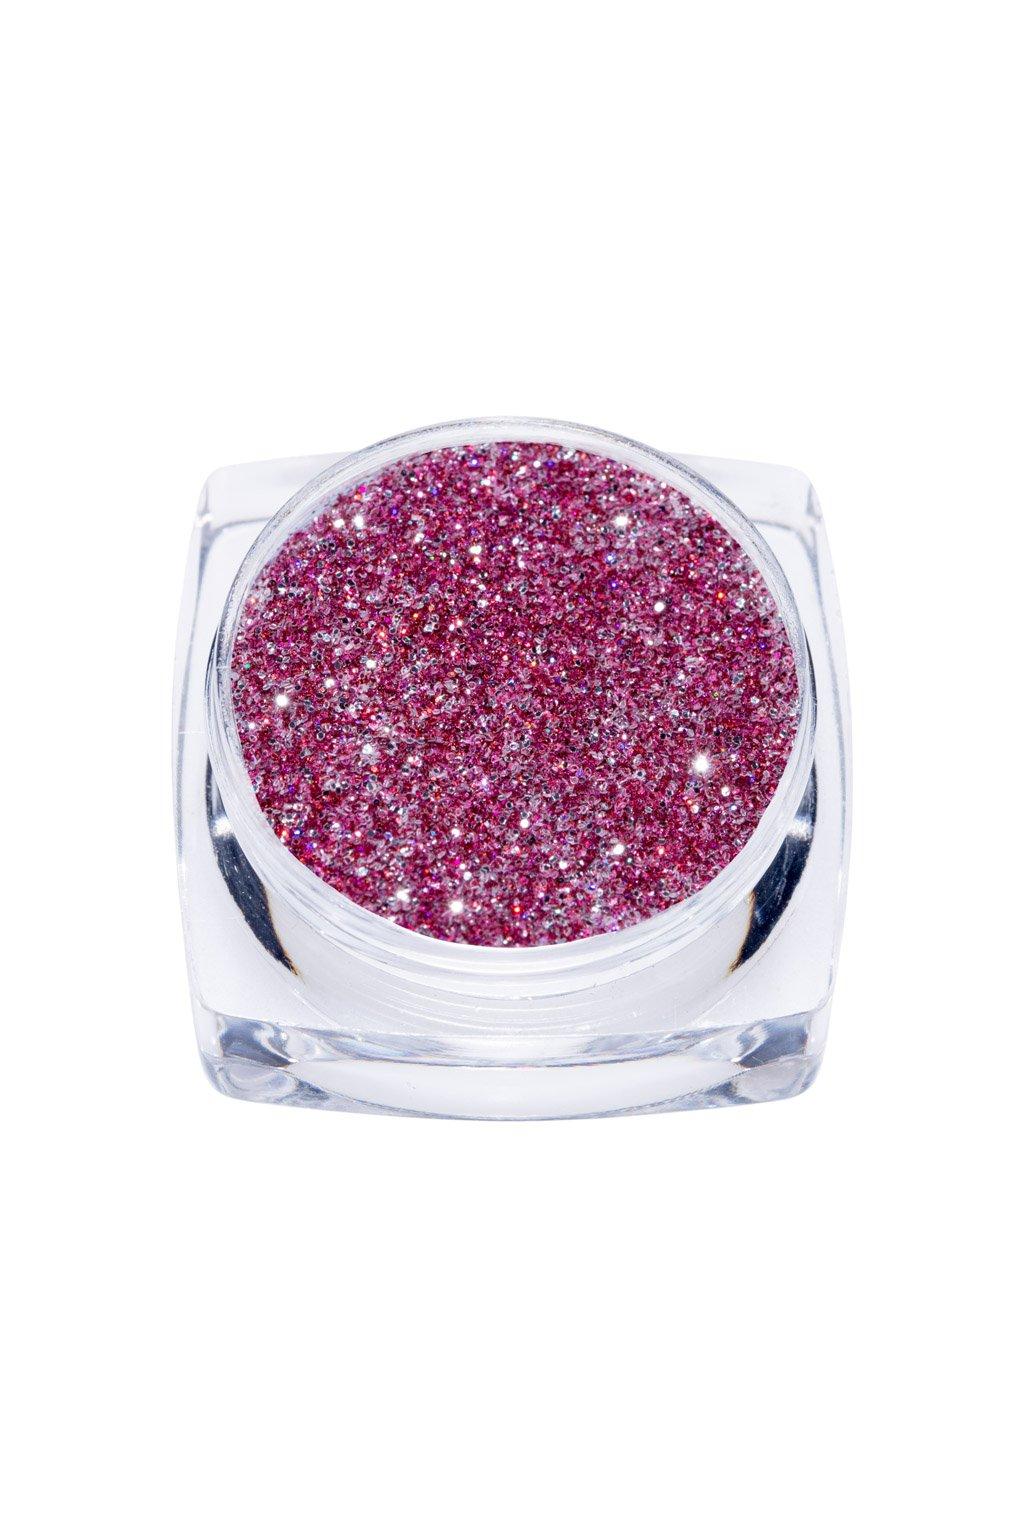 23564 sparkling mix xmas